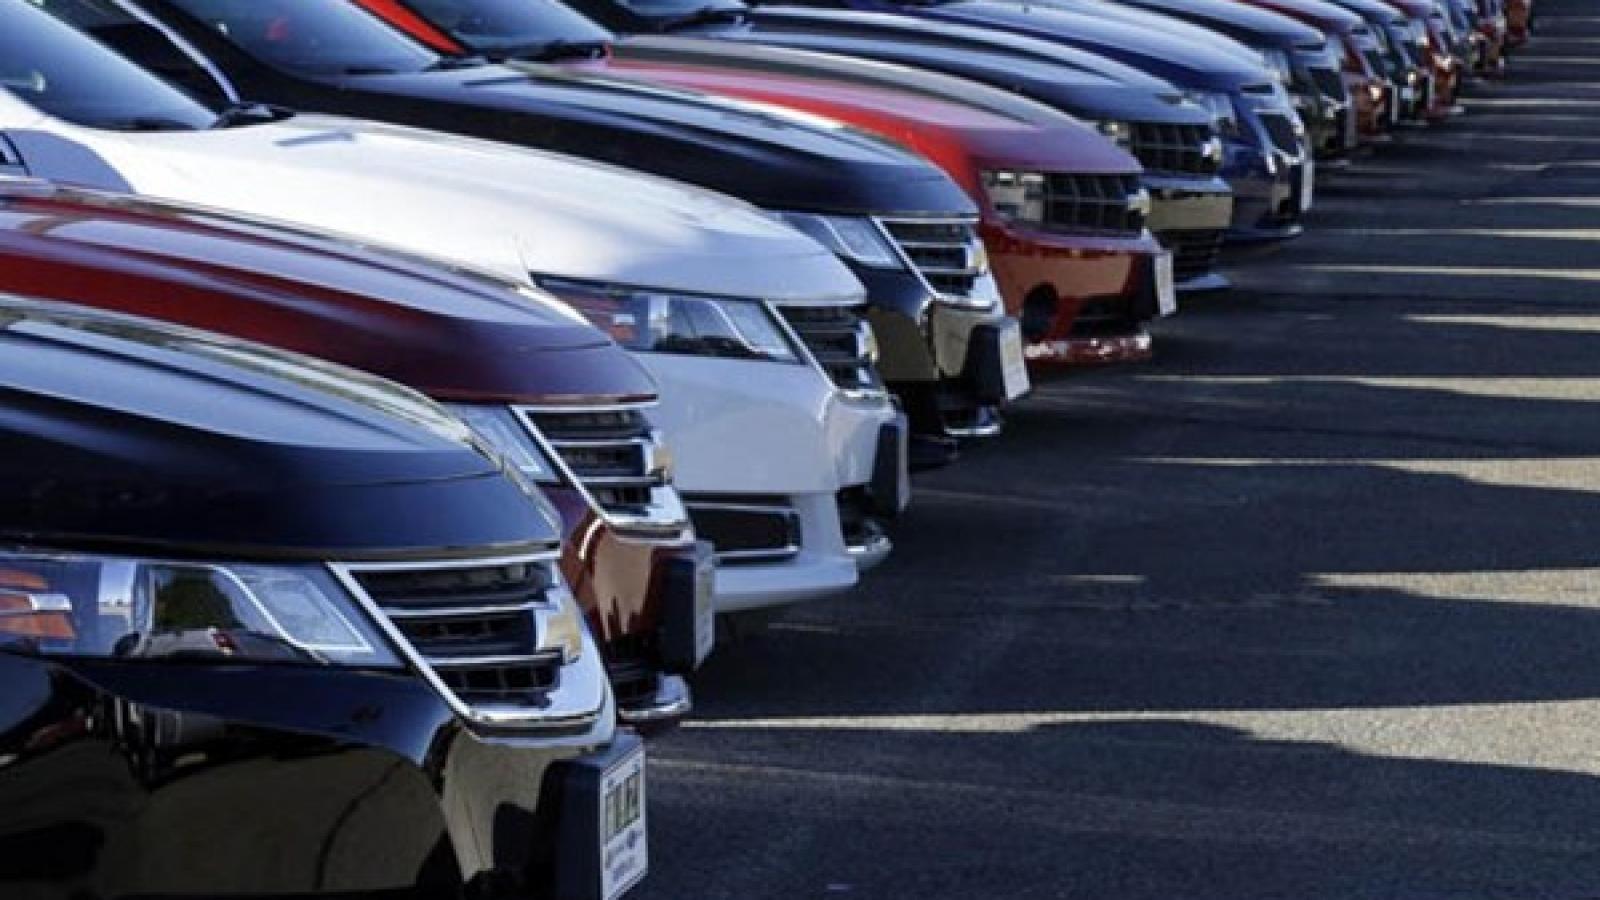 افتتاح نخستین فروشگاه زنجیره ای خودرو در کشور - اجاره خودرو طباطبایی